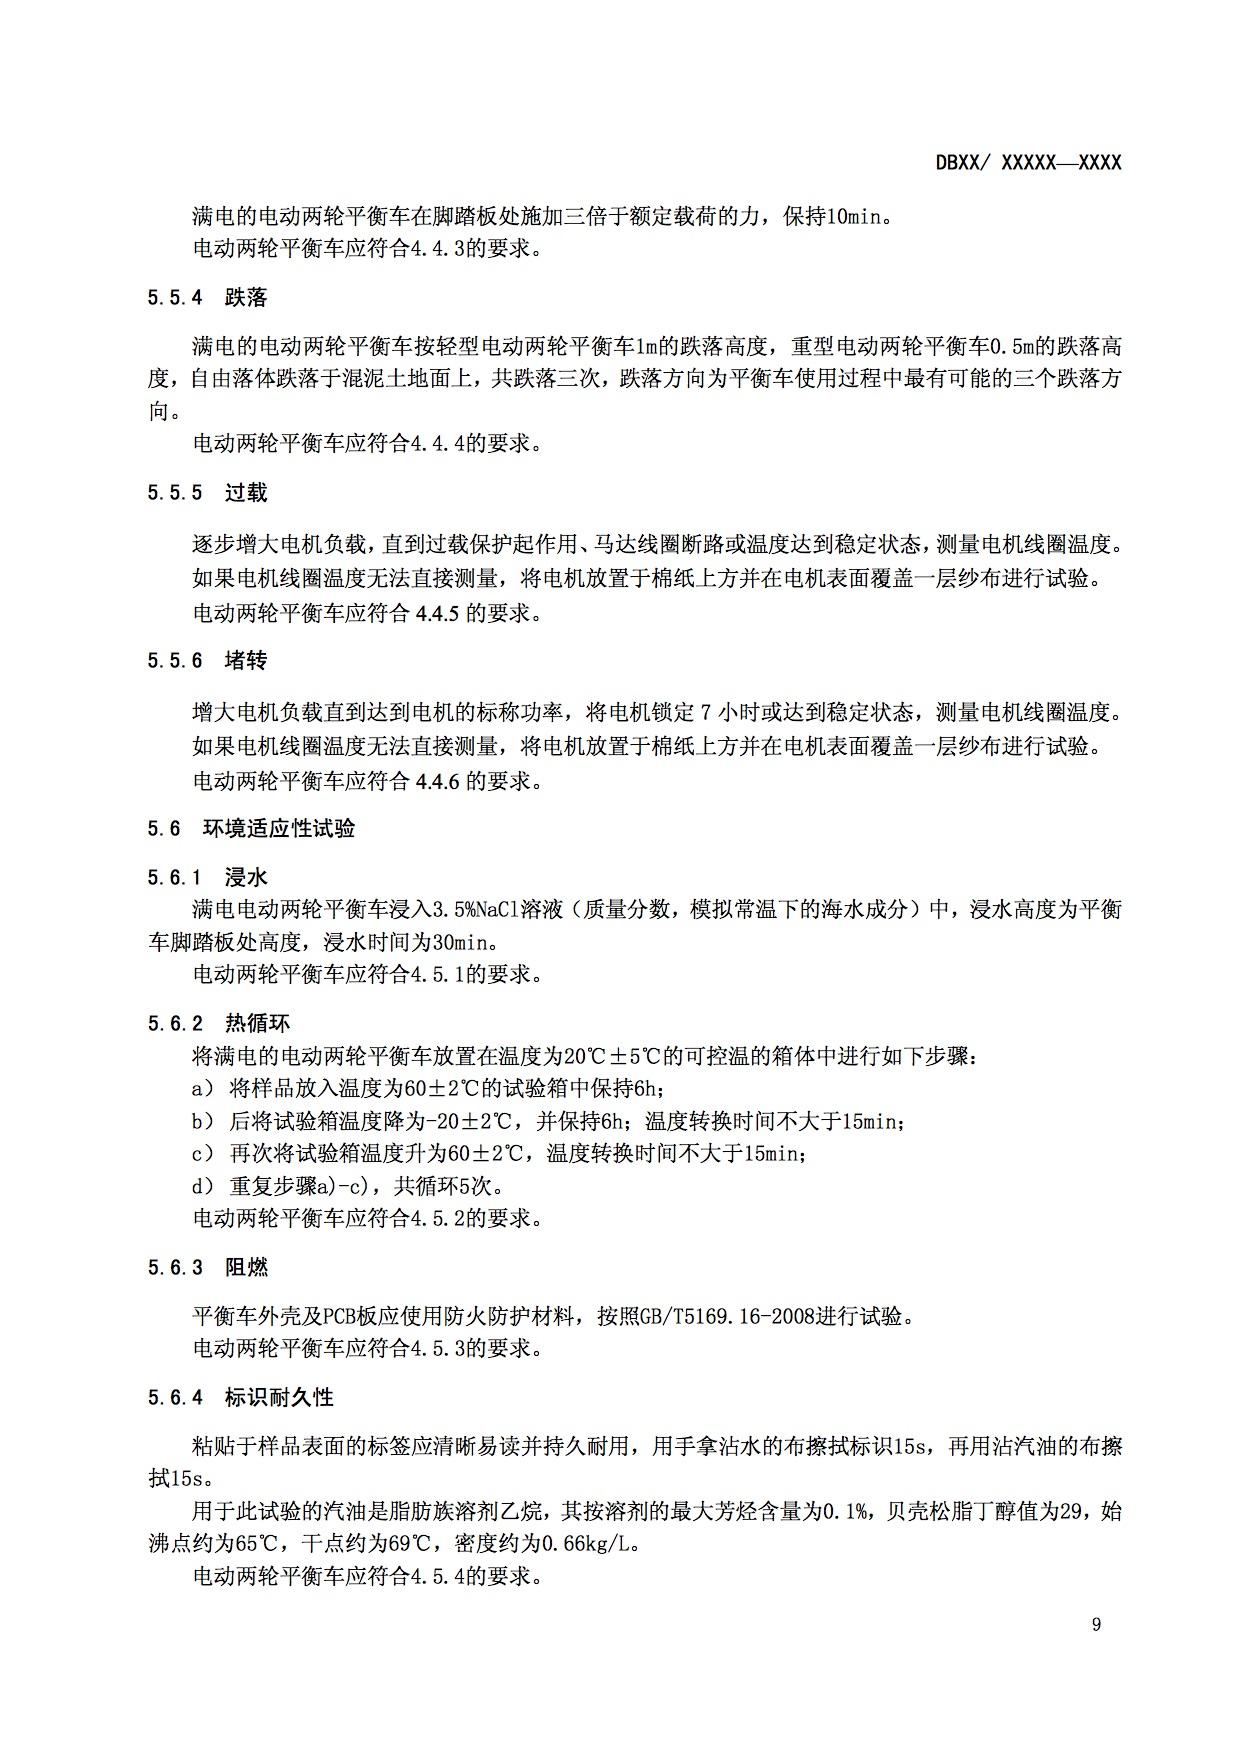 广东质检院:电动两轮平衡车通用技术要求征求意见稿-唯轮网